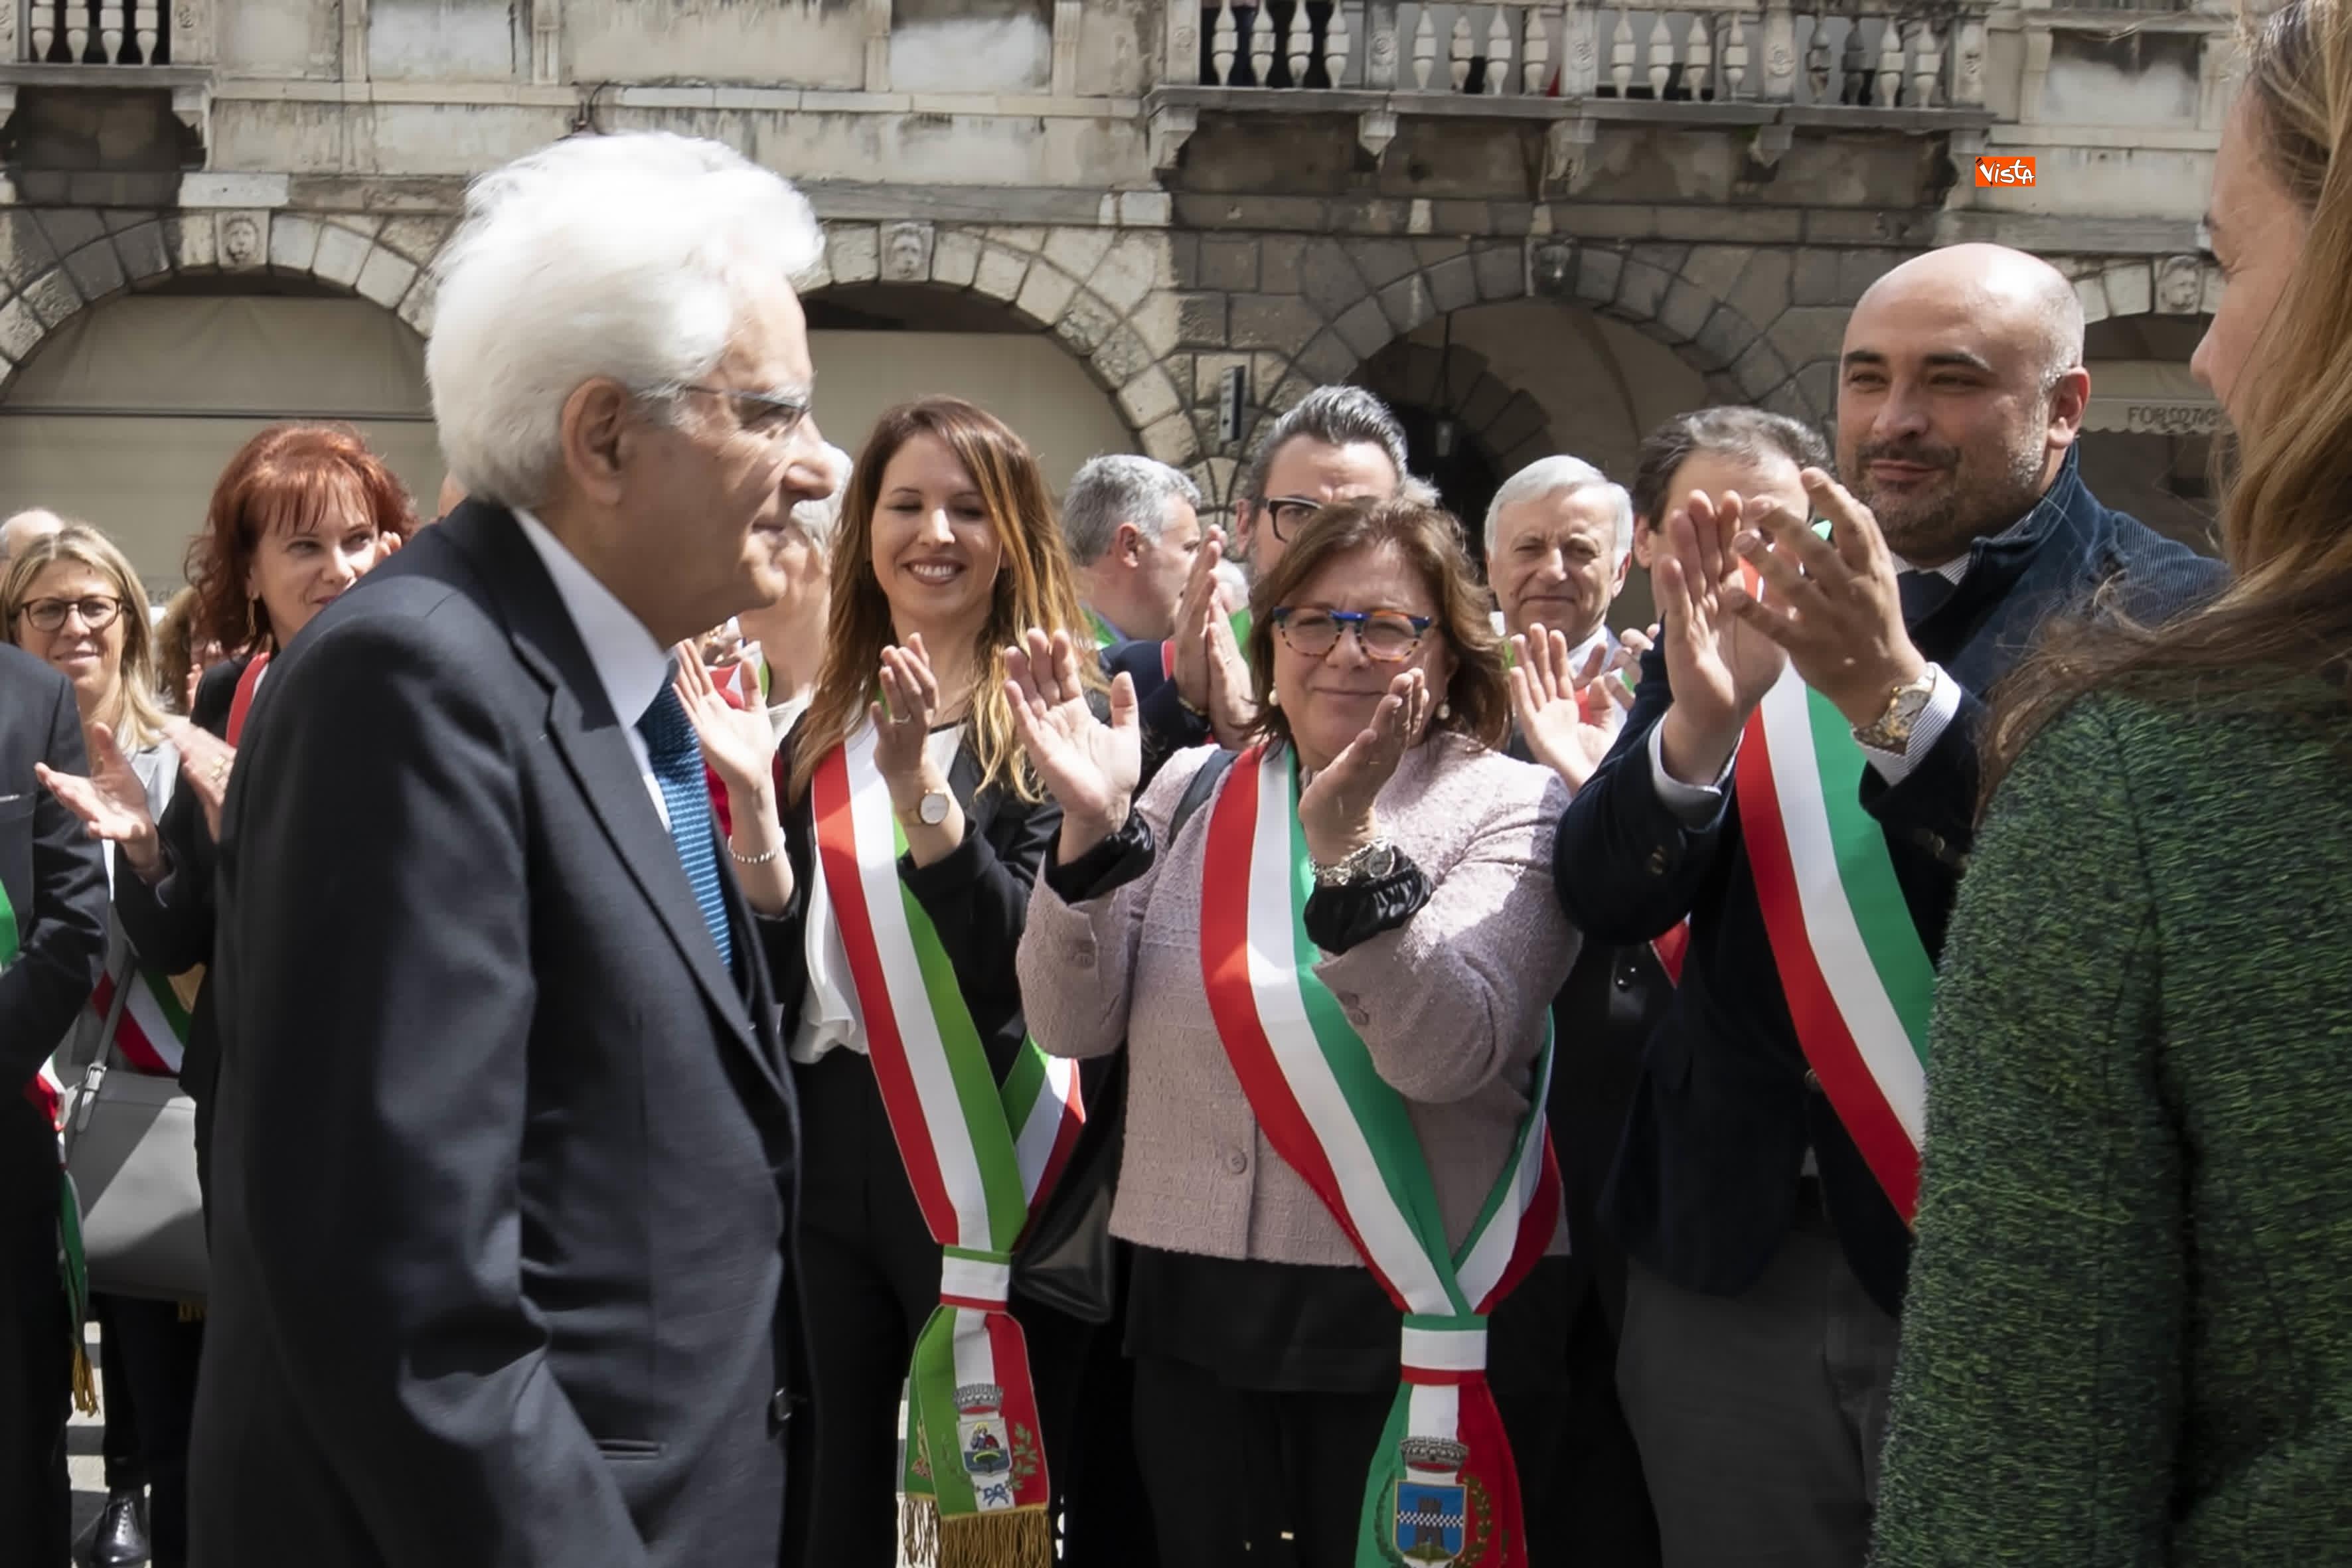 25-04-19 25 Aprile, Mattarella alla Cerimonia in occasione del 74 Anniversario della Liberazione a Vittorio Veneto_14